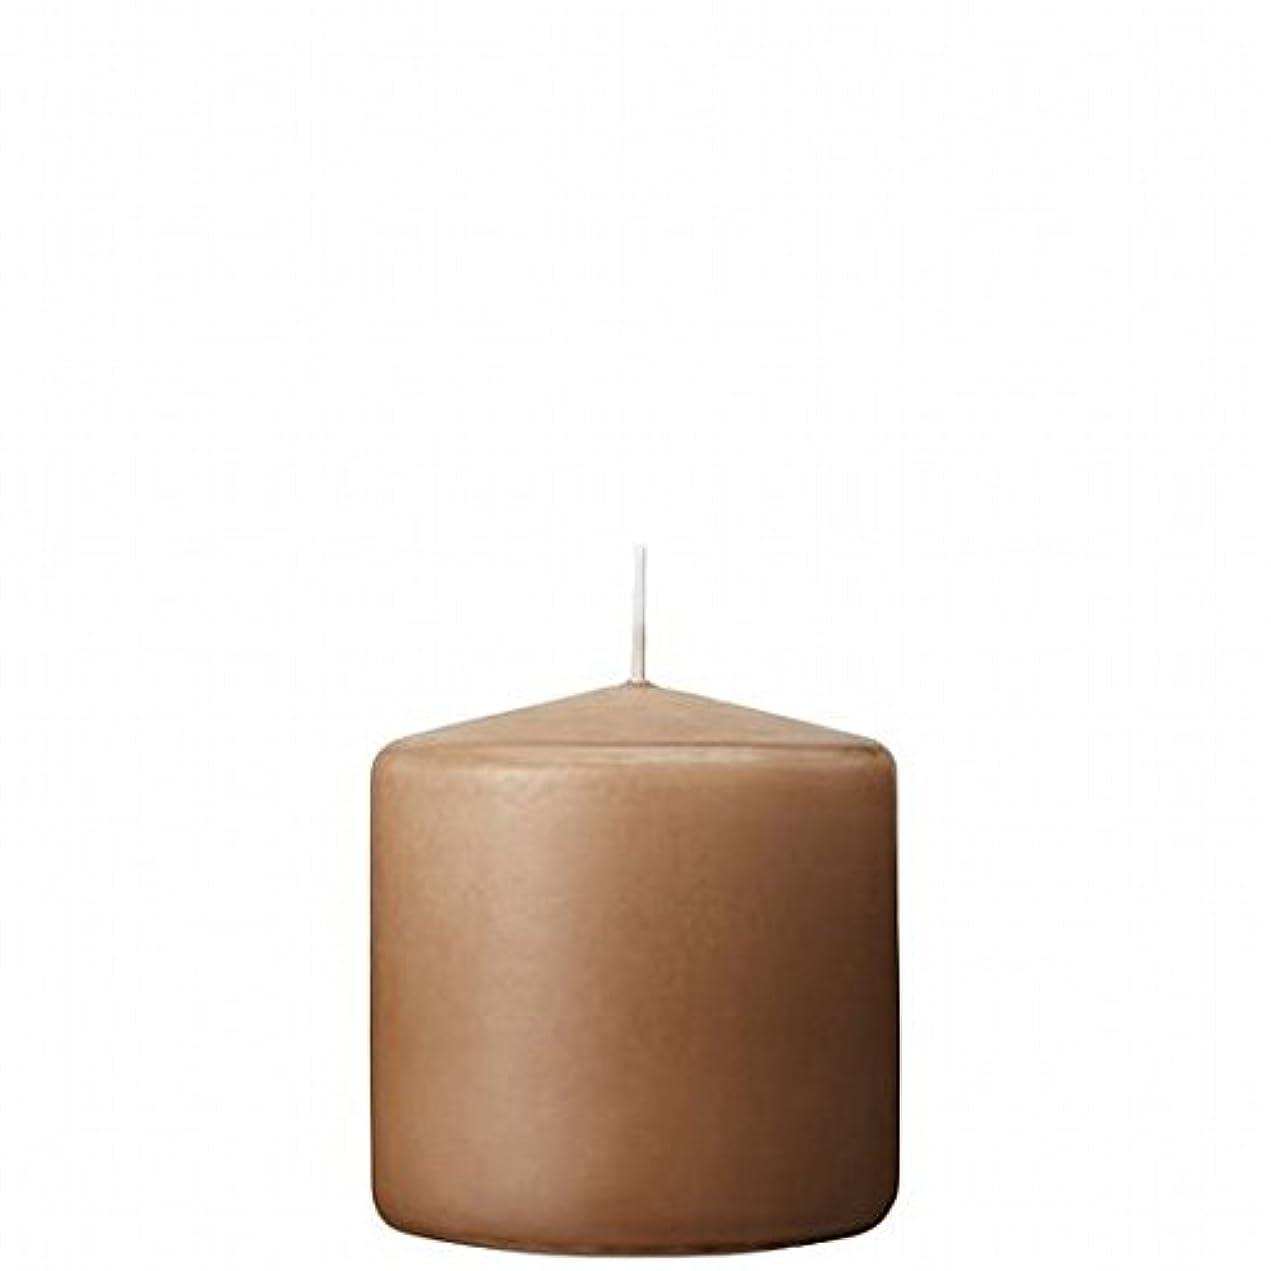 自治的女優進捗kameyama candle(カメヤマキャンドル) 3×3ベルトップピラーキャンドル 「 モカ 」(A9730000MO)